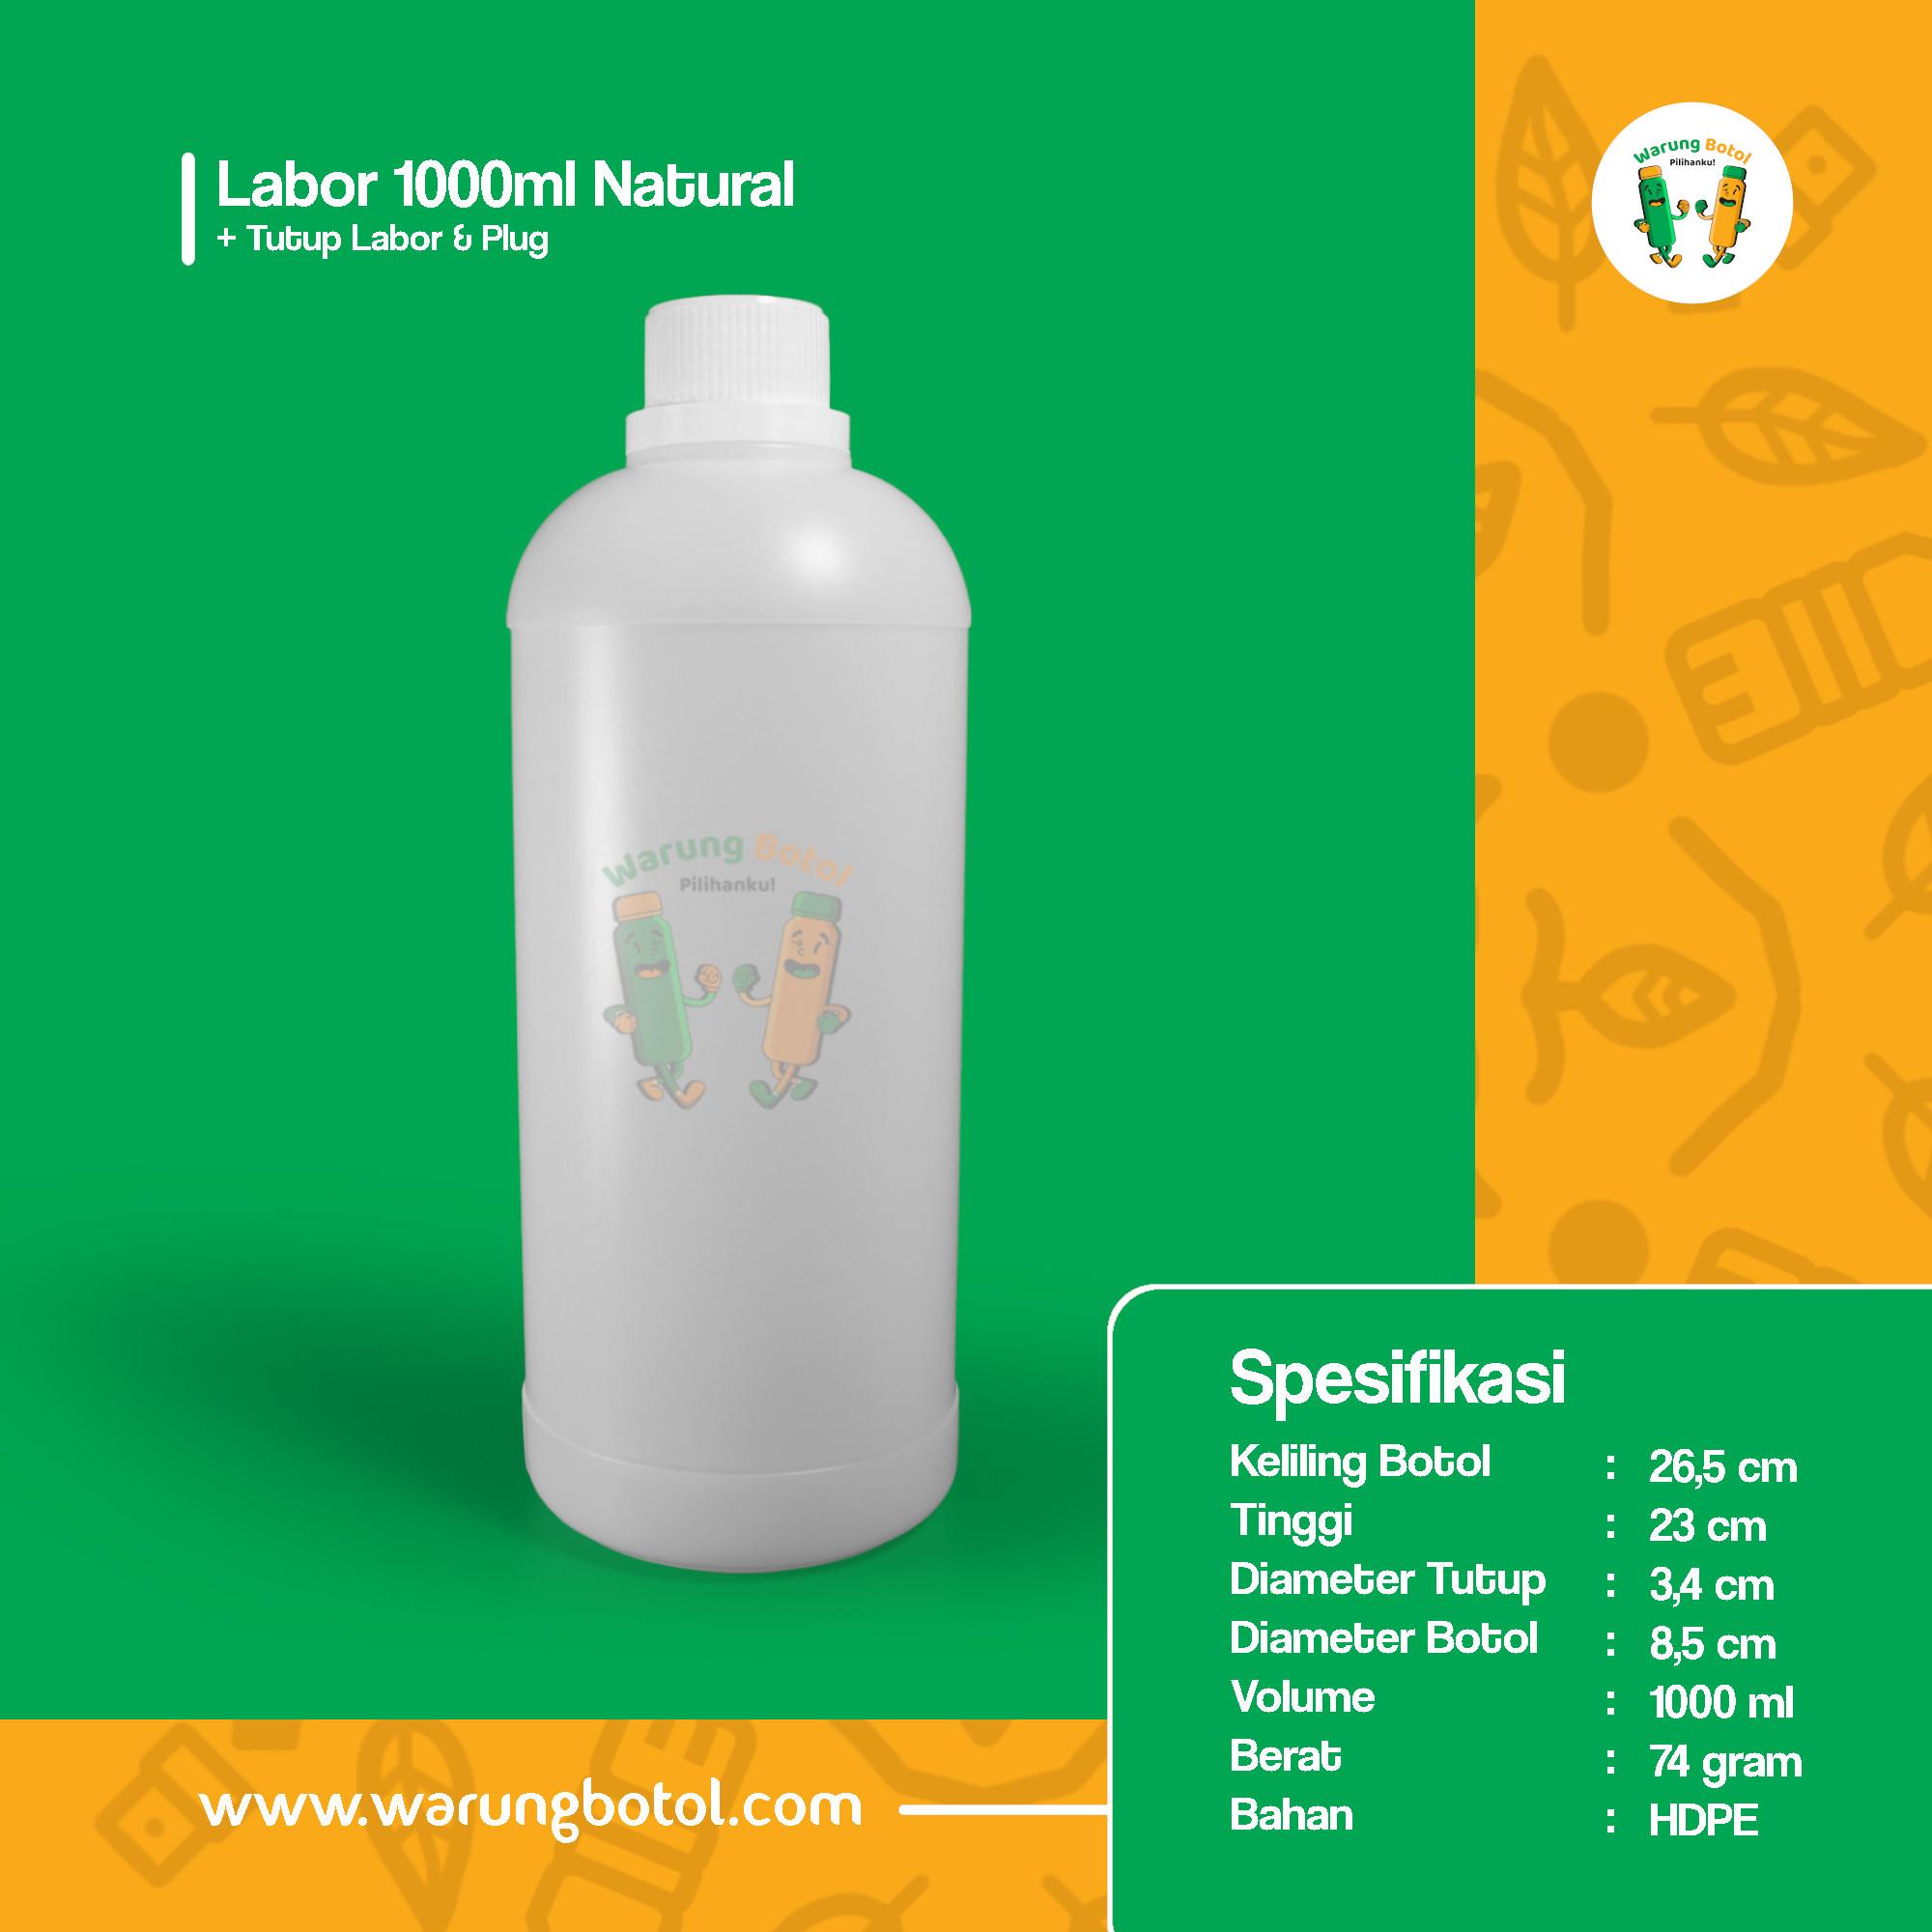 distributor toko jual botol plastik labor untuk bahan kimia 1000ml natural murah terdekat bandung jakarta bogor bekasi